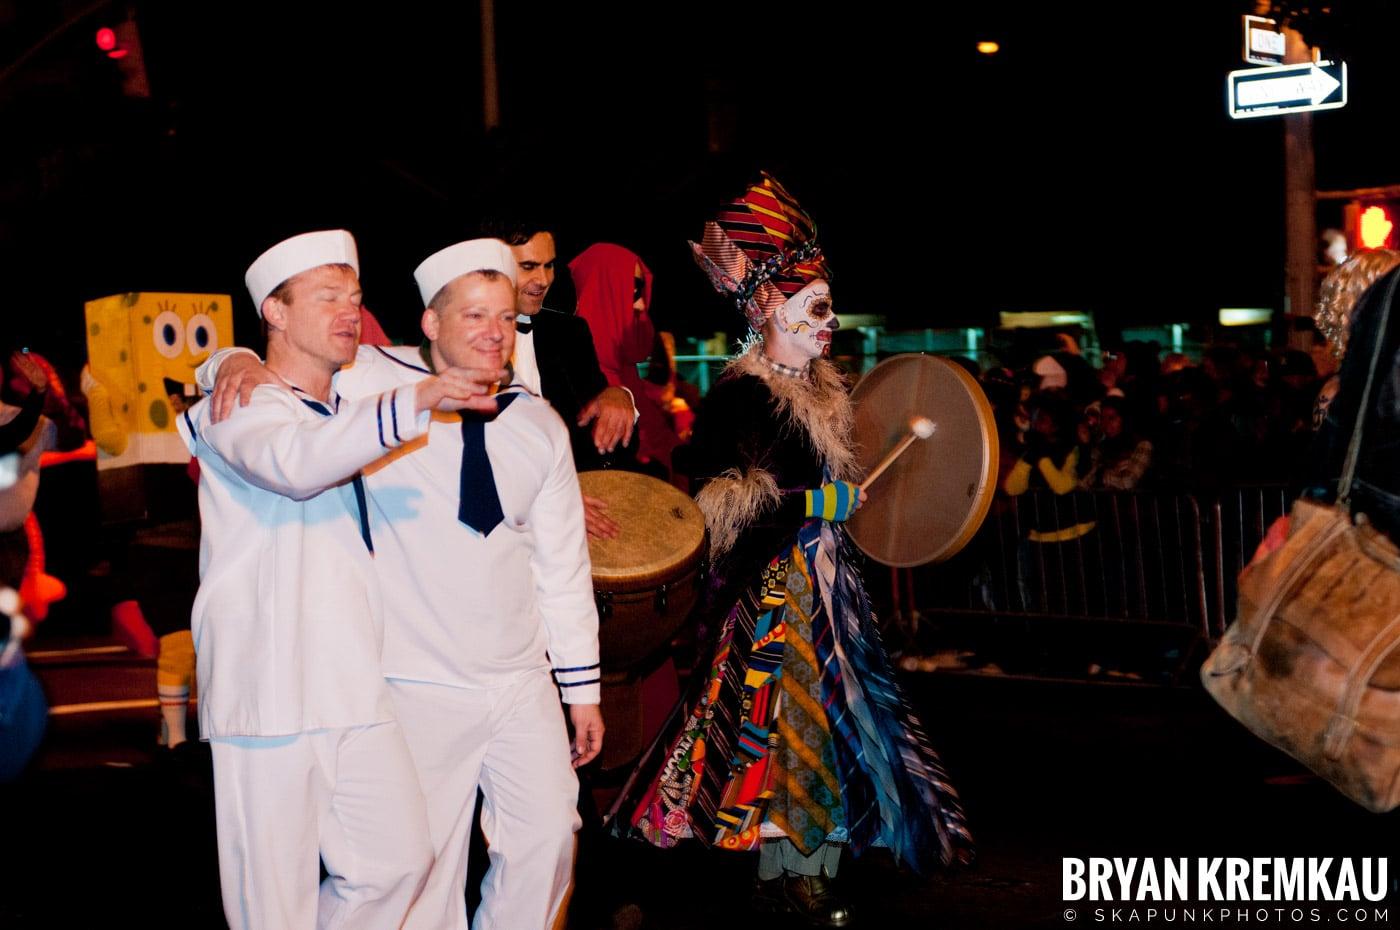 NYC Halloween Parade 2011 @ New York, NY - 10.31.11 (87)